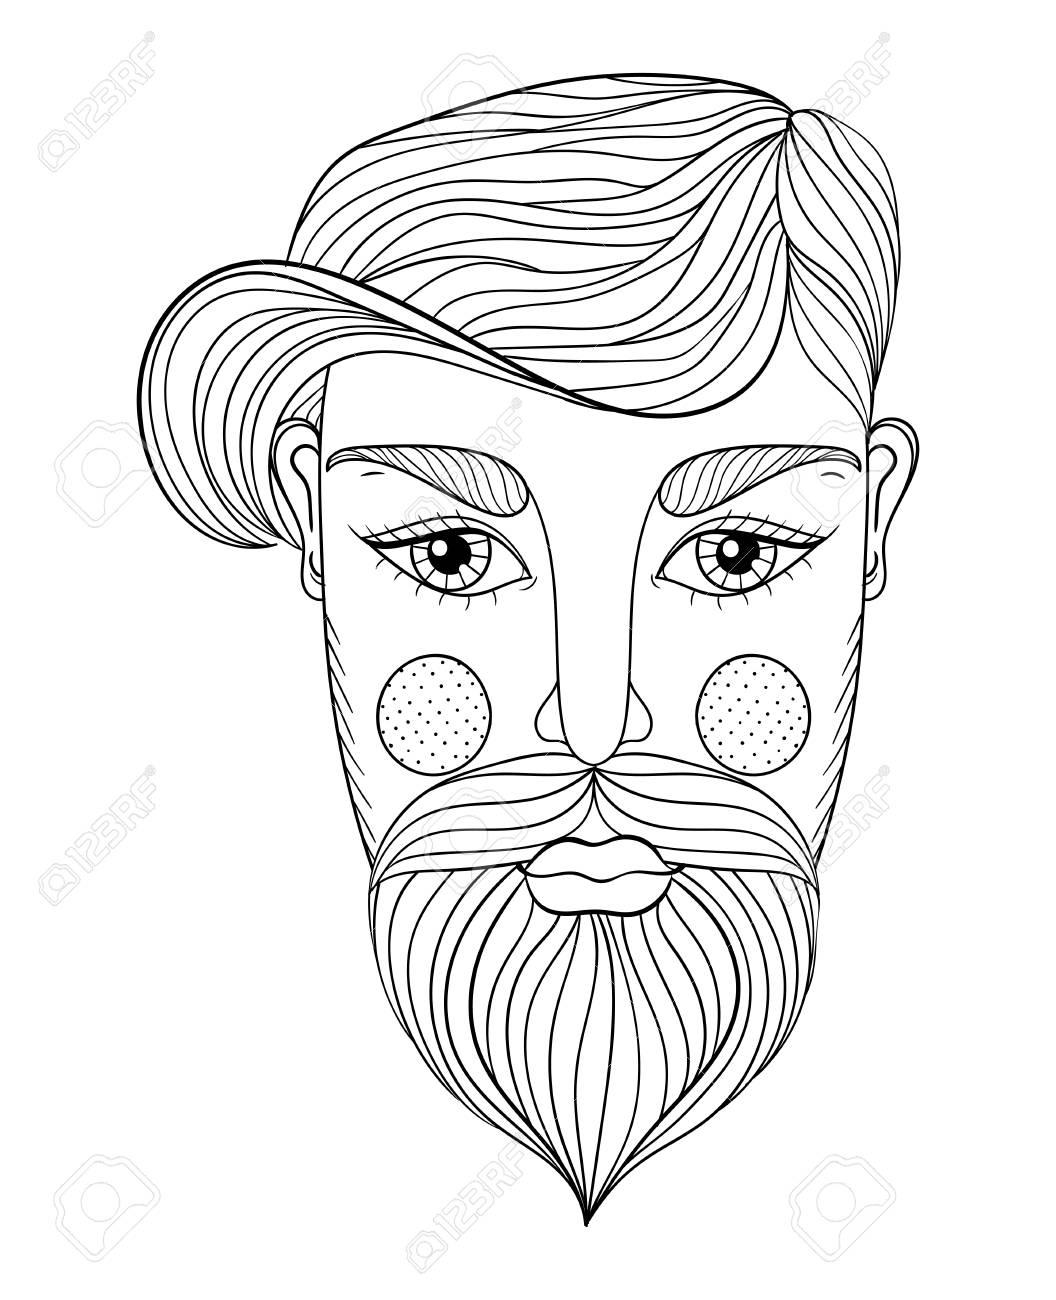 Coloriage Anti Stress Visage.Vector Xentangle Portrait De L Homme Visage Avec Moustache Et La Barbe Pour Les Pages A Colorier Antistress Adulte Art Du Tatouage Ethnique Motif